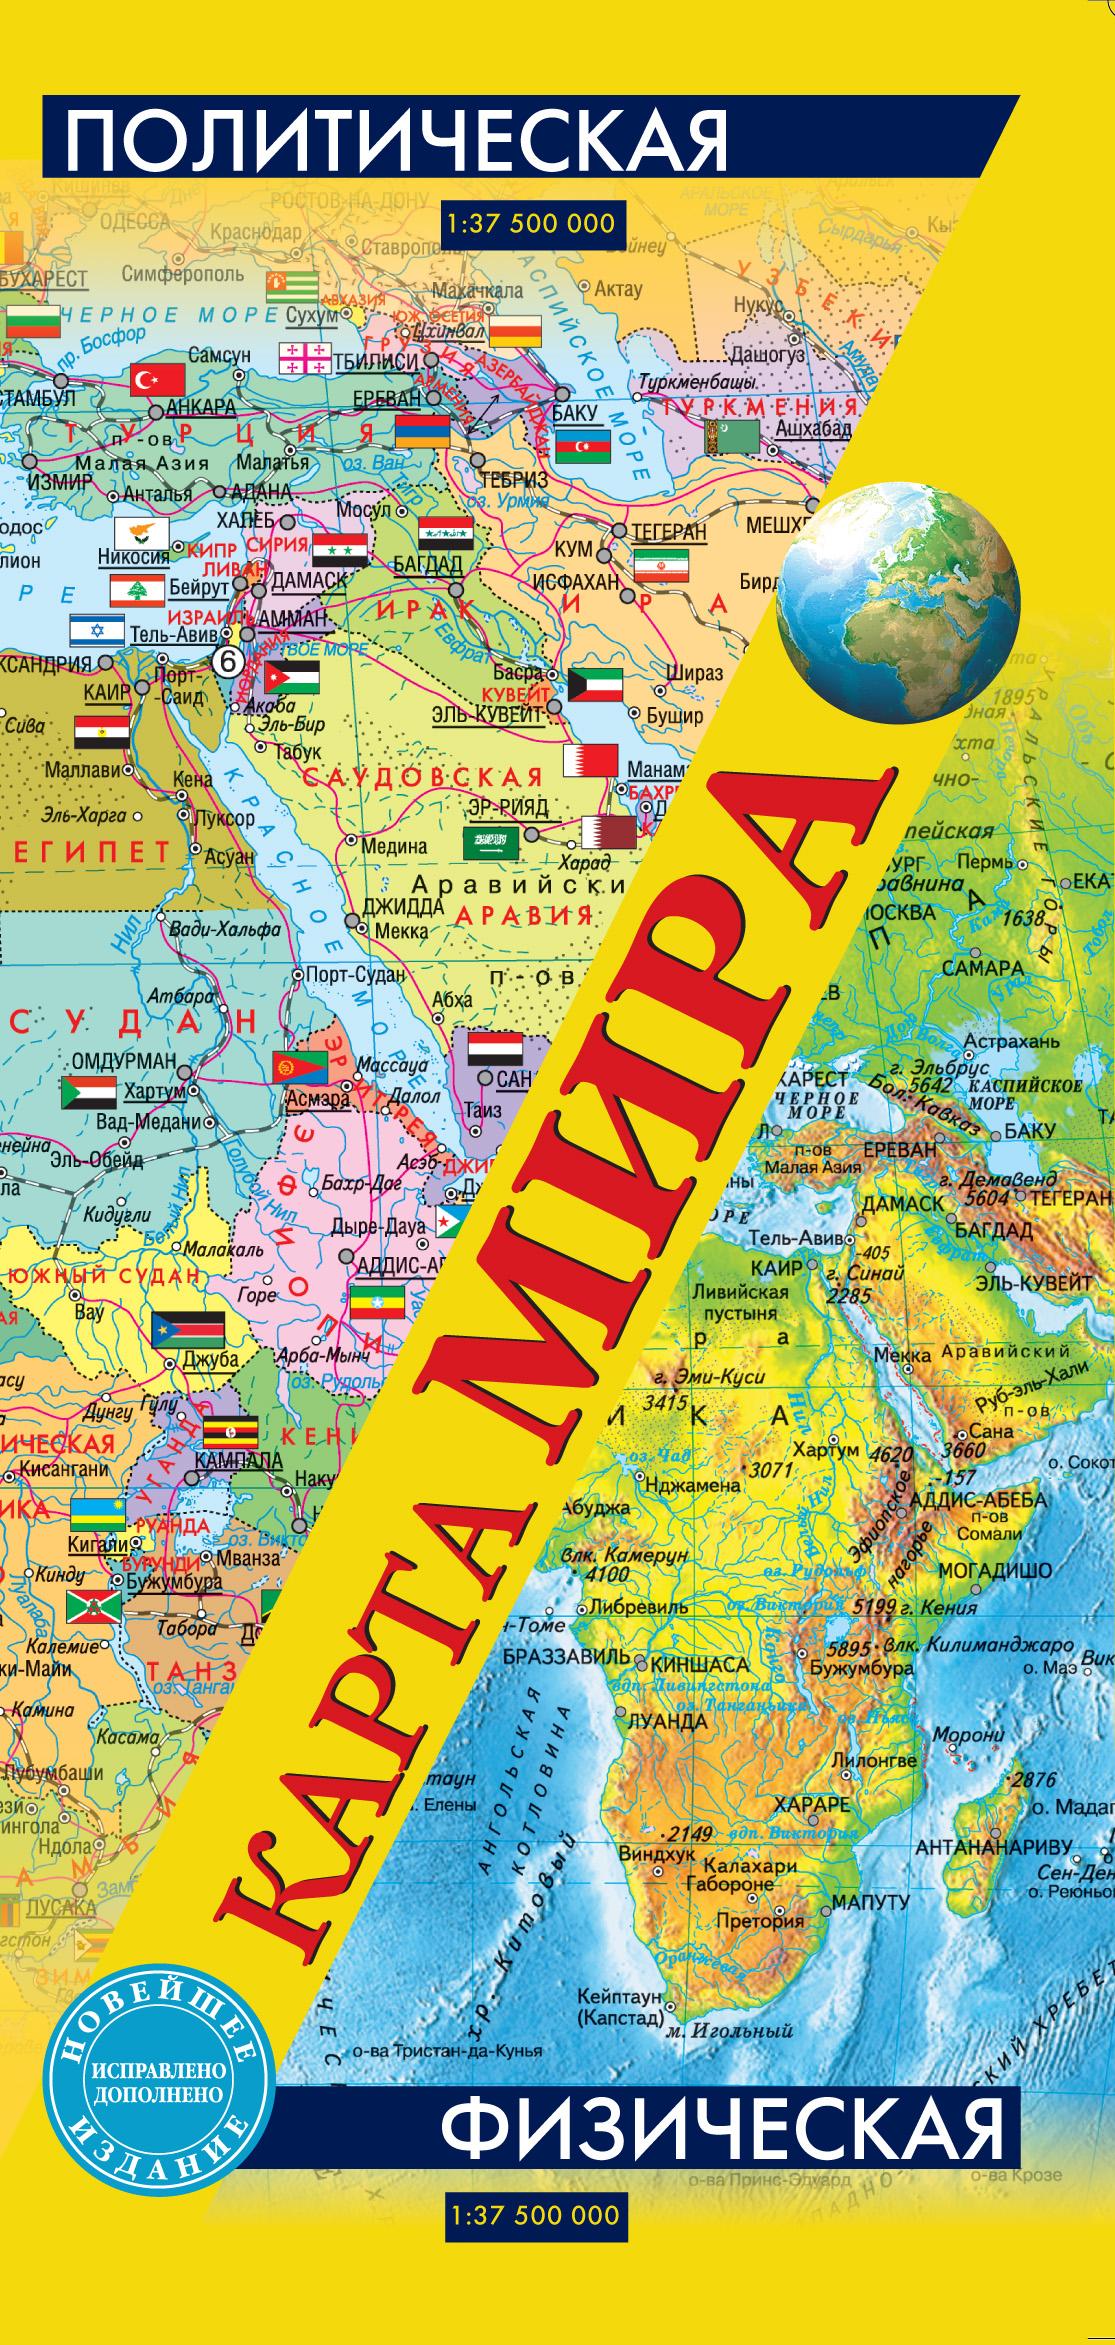 Карта мира. Политическая и физическая (бол)